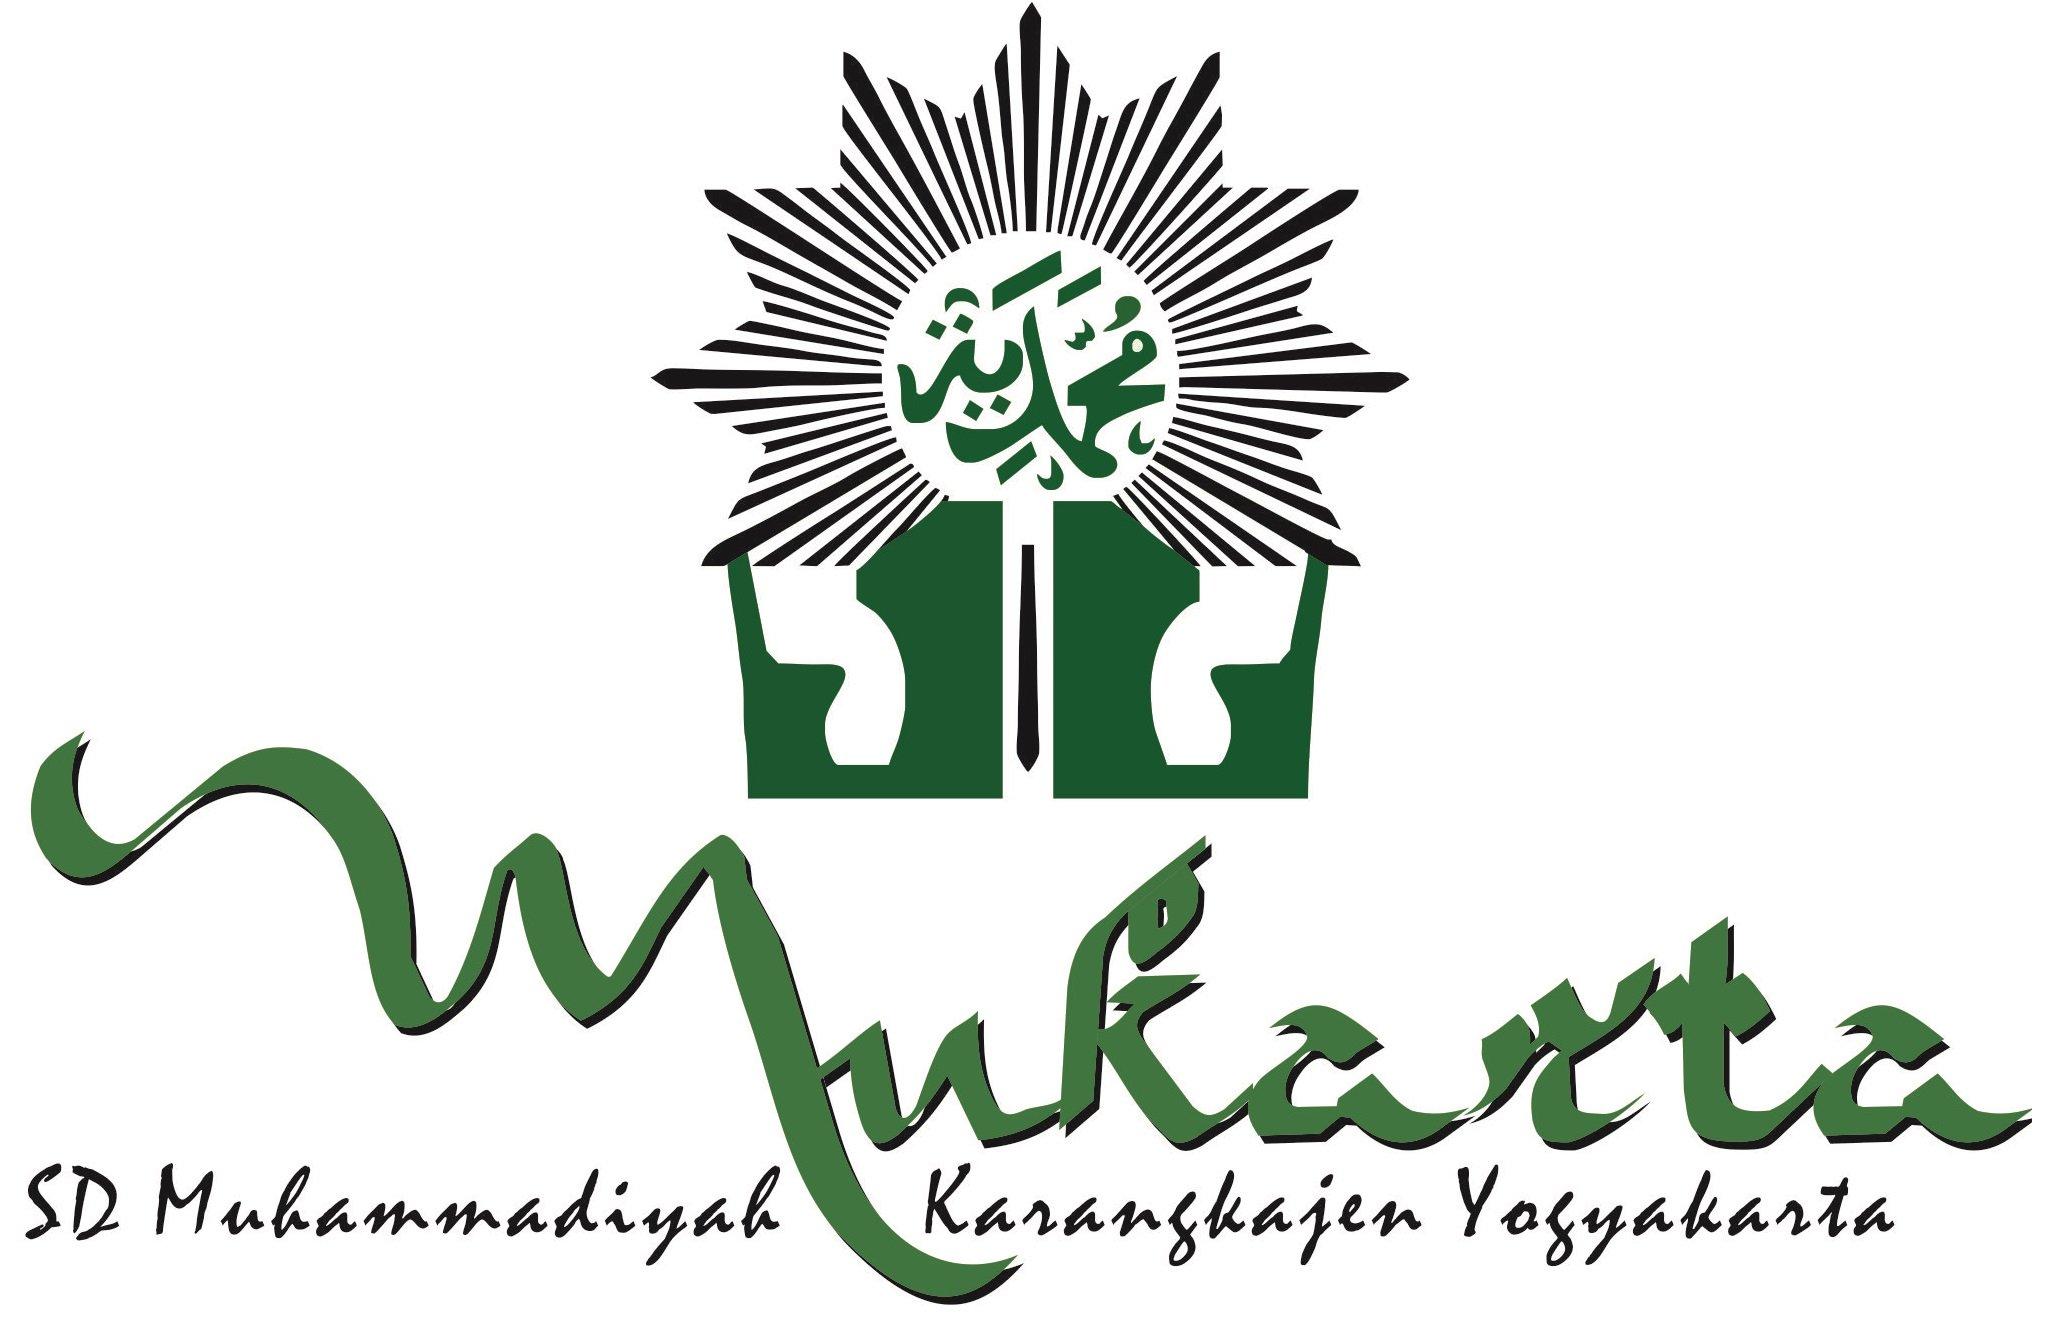 Website Resmi SD Muhammadiyah Karangkajen